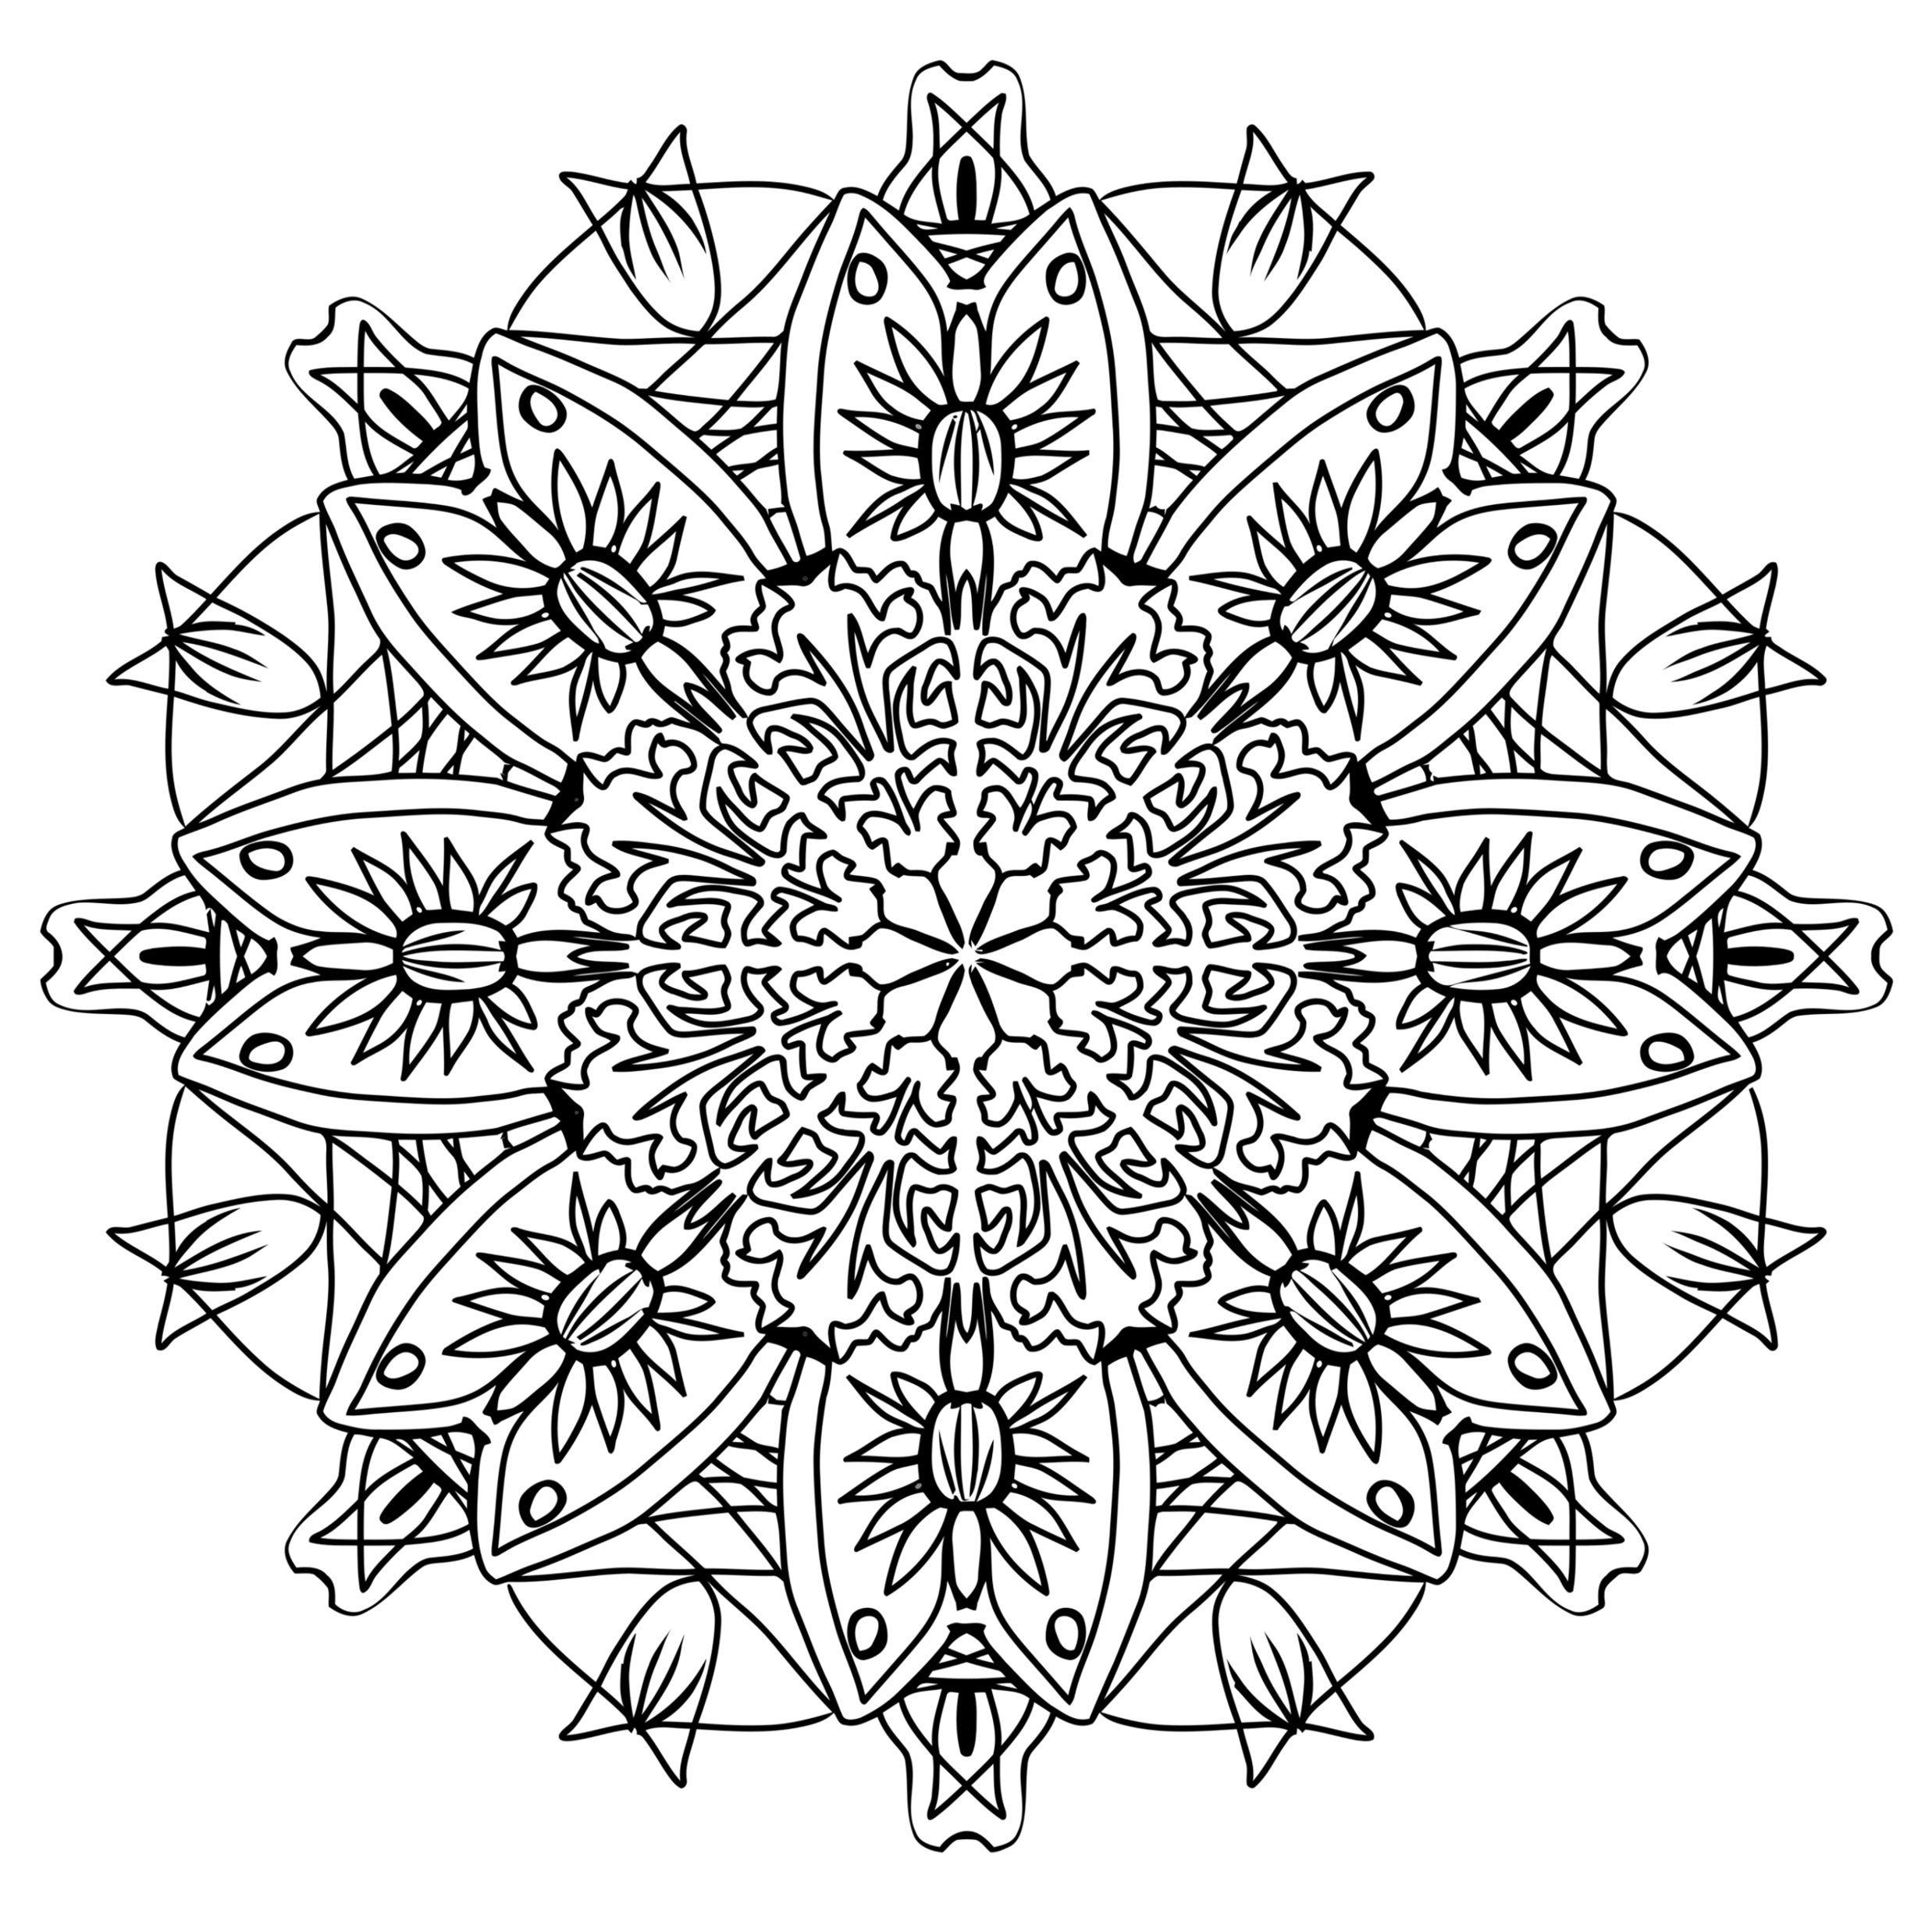 Kostenlose Mandalavorlagen herunterladen Mandala Vorlage Ausmalbilder Zeichnen